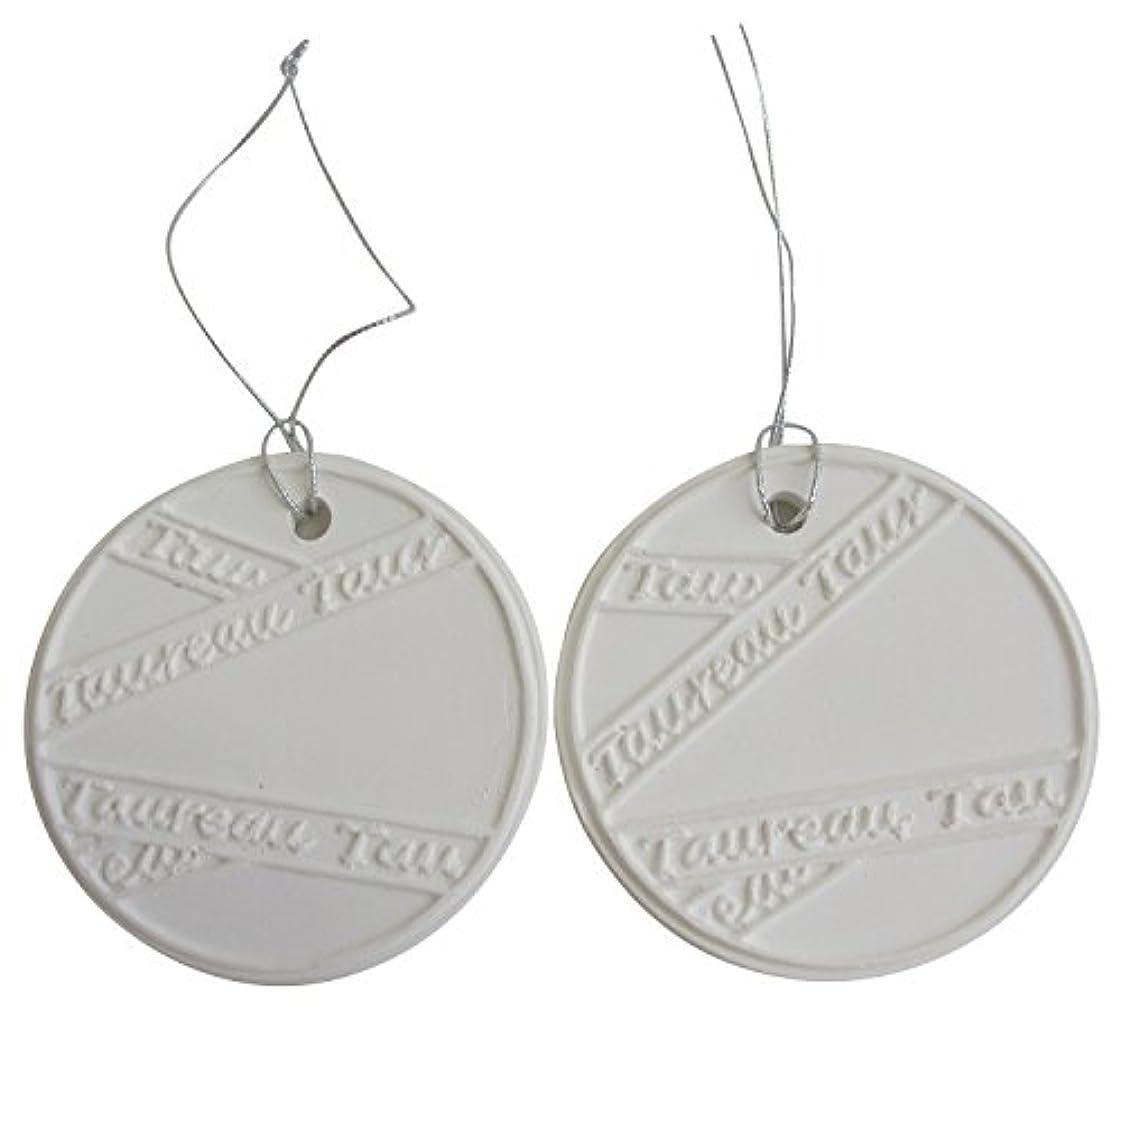 同化する町タイトルアロマストーン ホワイトコイン2セット(リボン2) アクセサリー 小物 キーホルダー アロマディフューザー ペンダント 陶器製